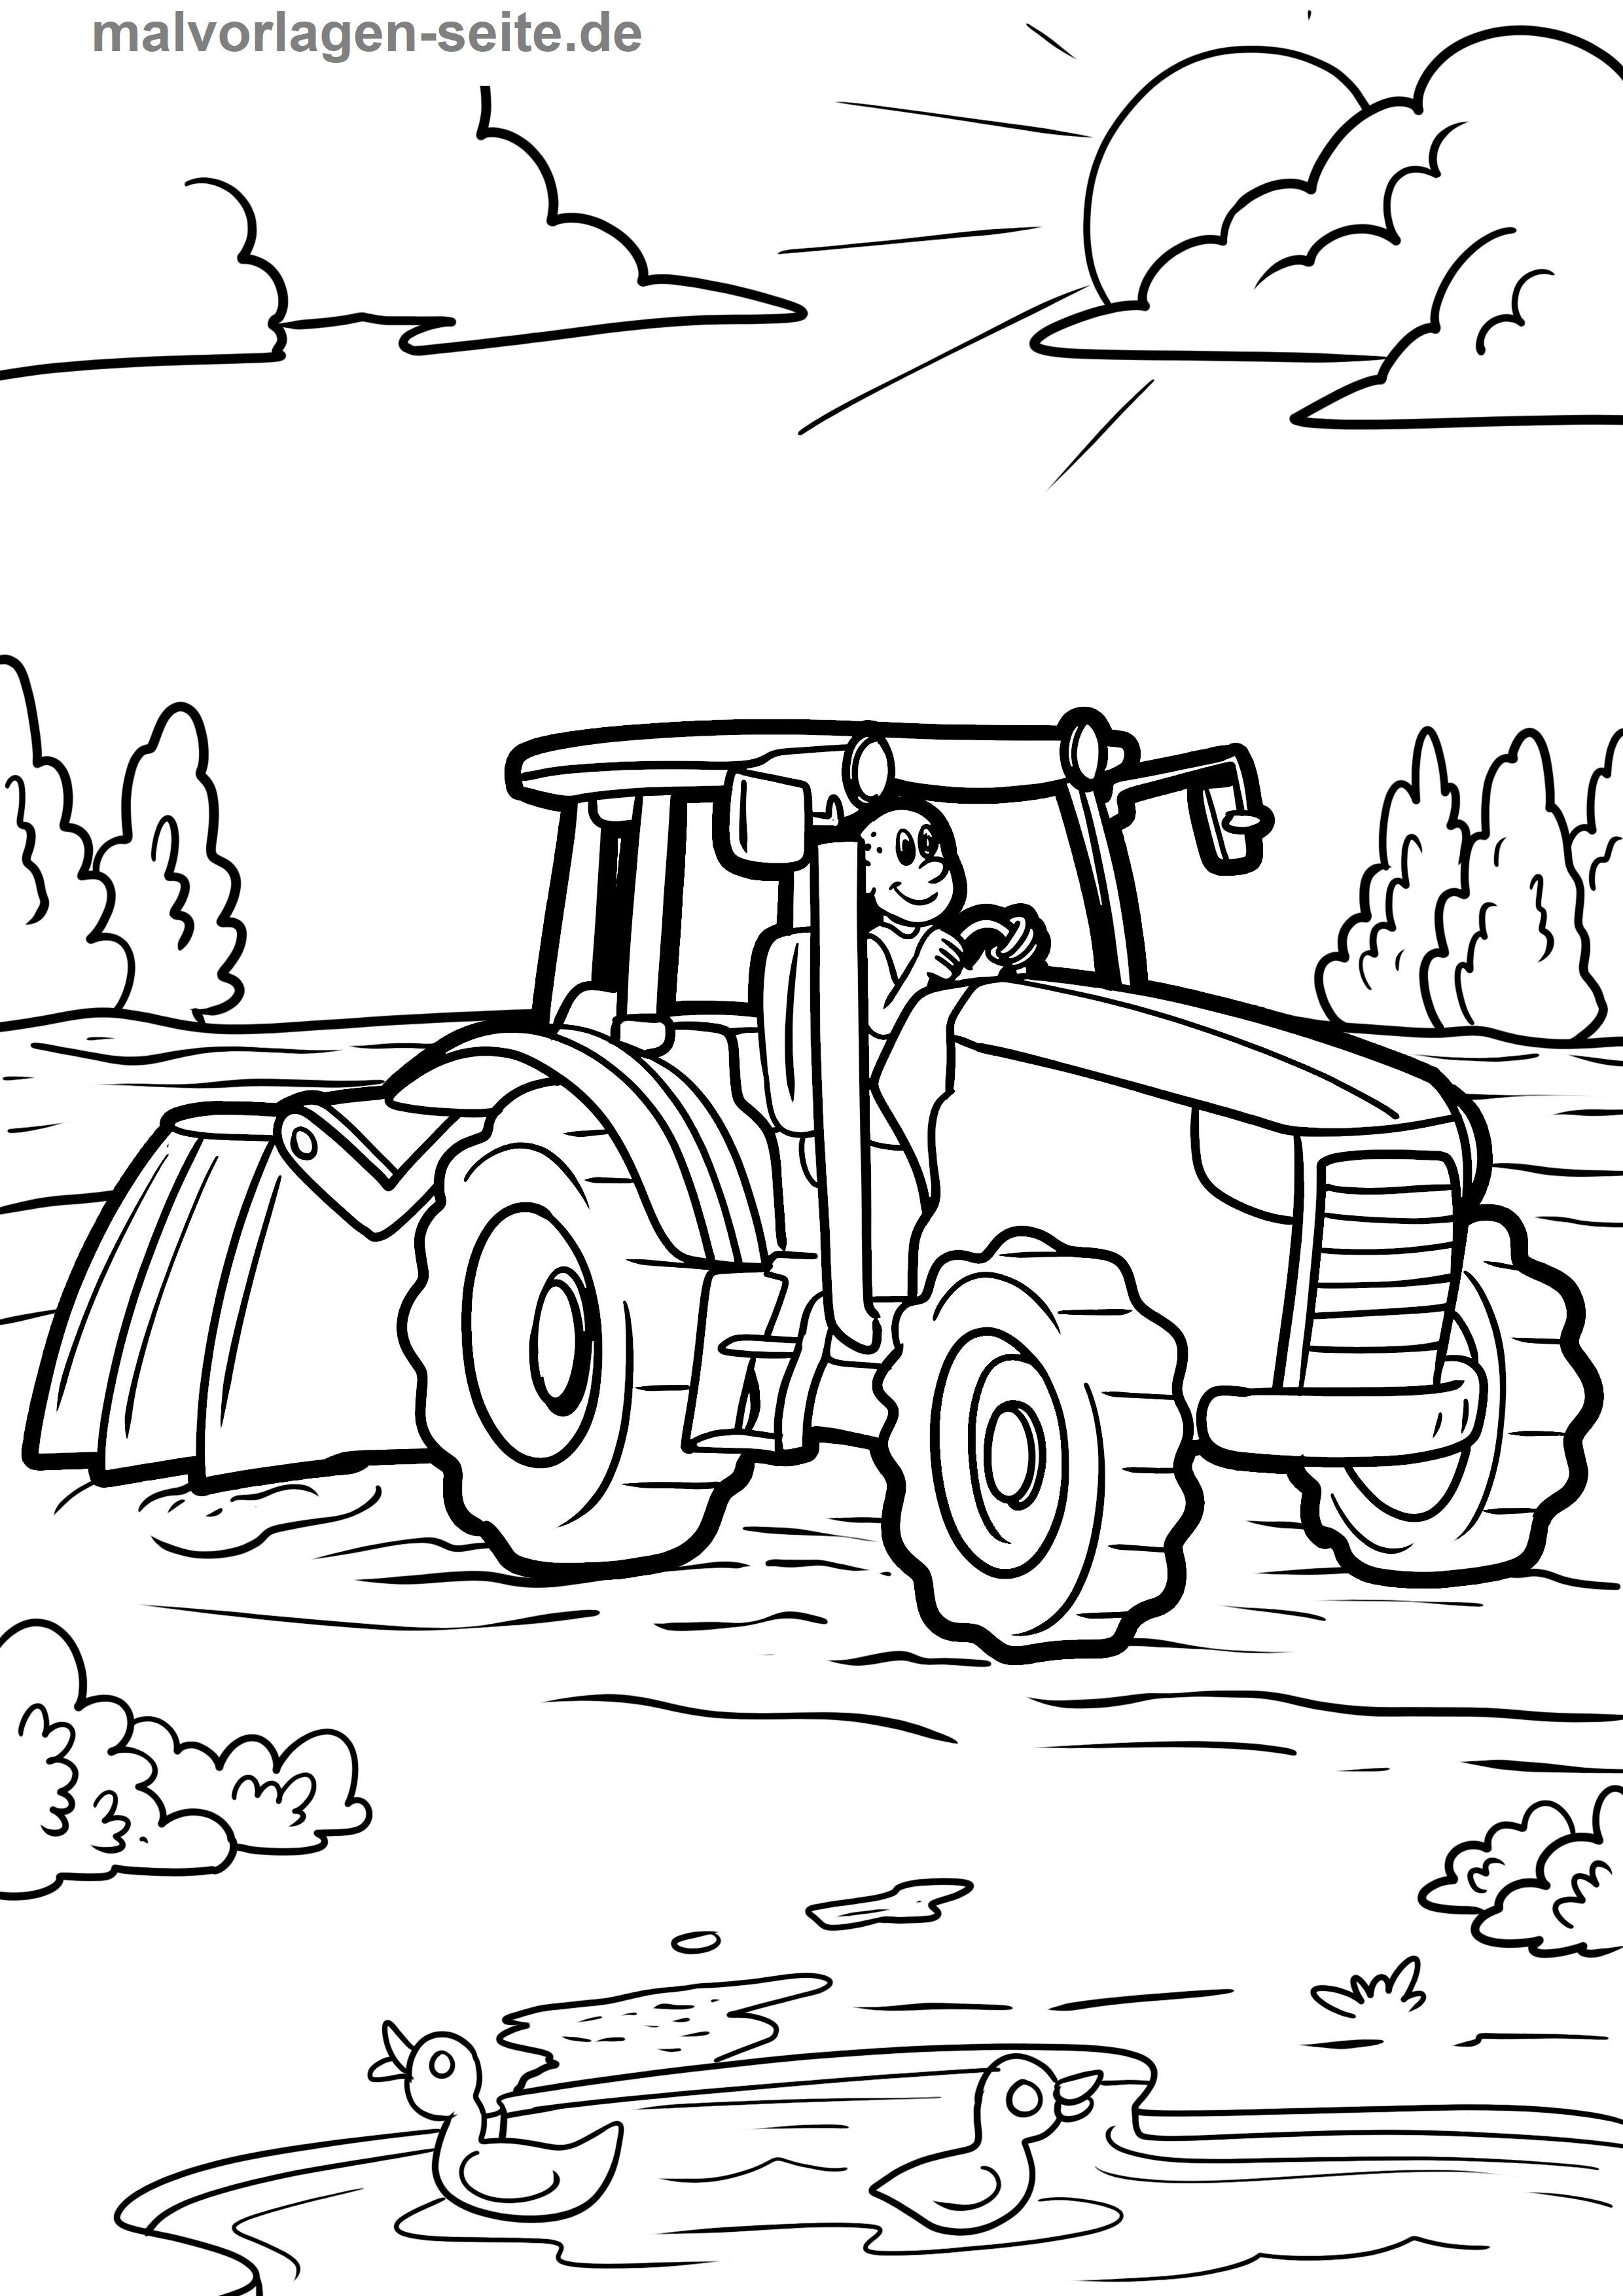 Ausmalbilder John Deere Genial Malvorlage Bauernhof Feld Pflug Das Bild